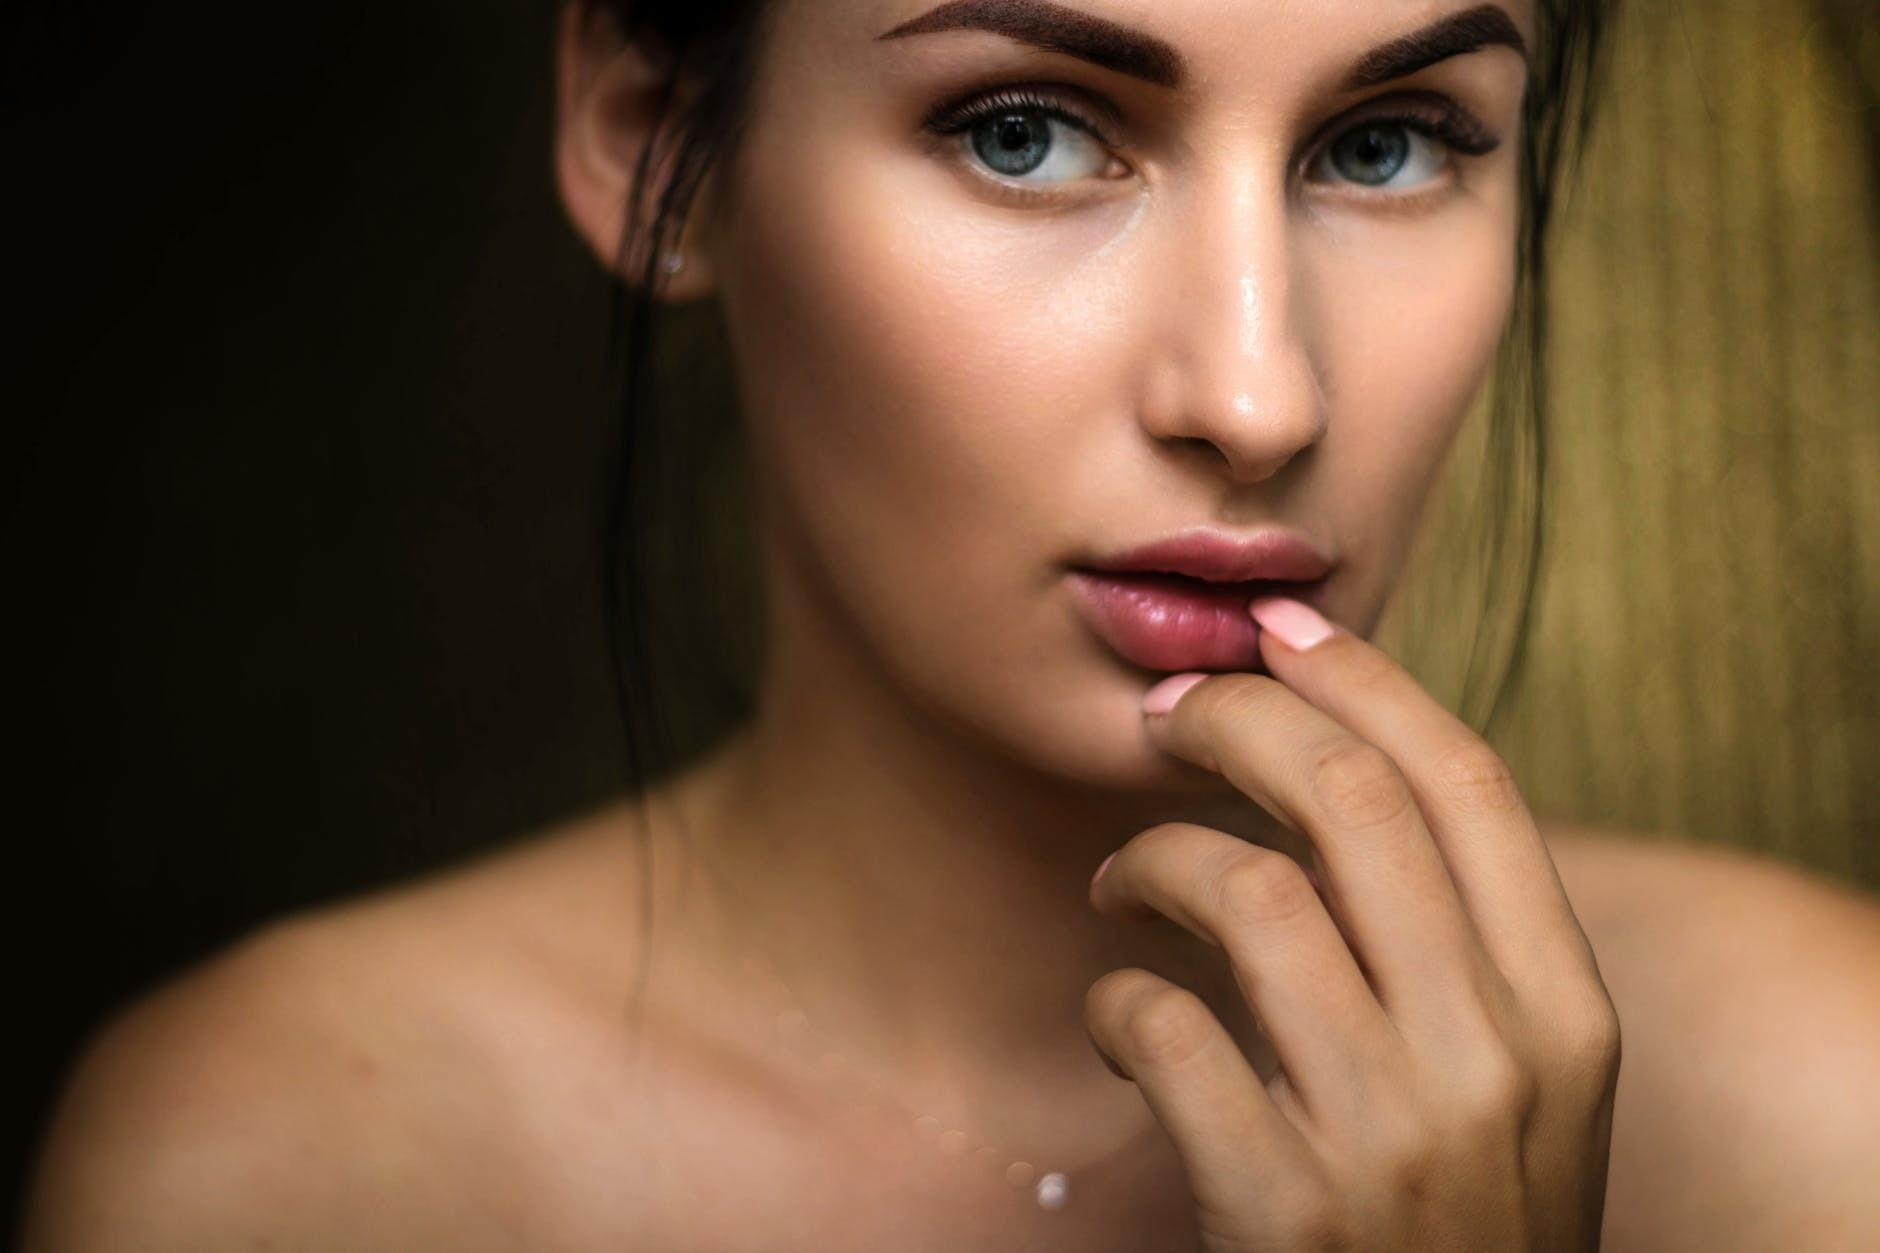 Экстракт гамамелиса в косметике: что это и кому он нужен